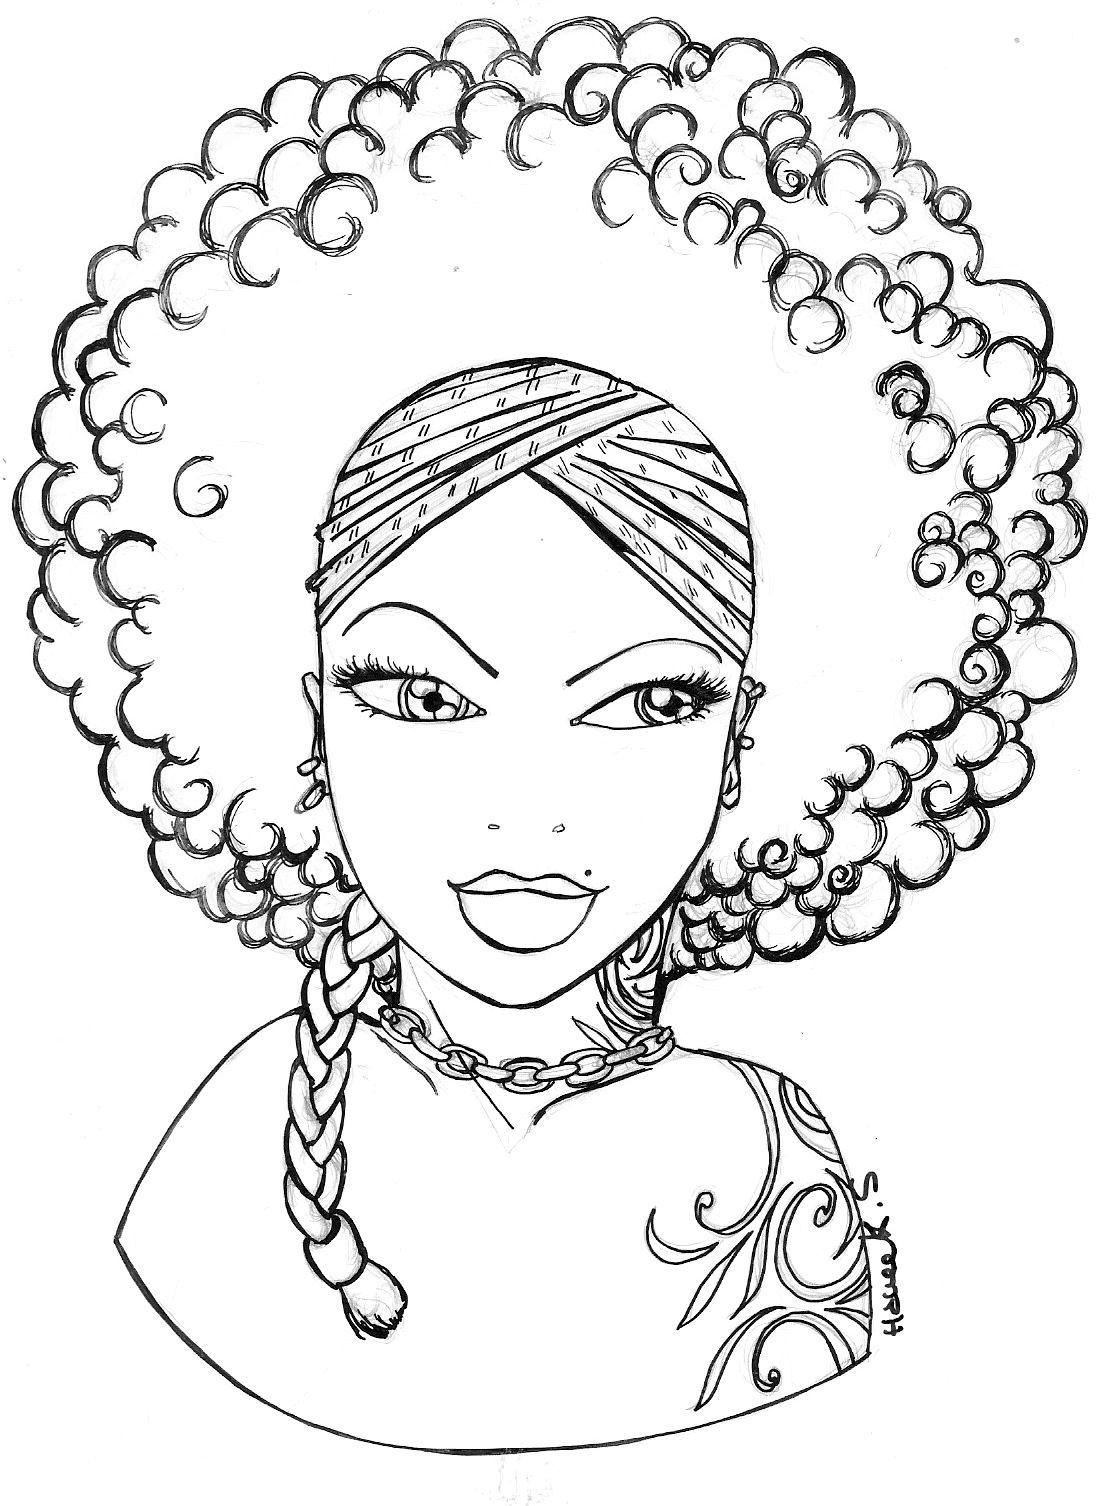 Coloring pages hair - Shondra Coloring Bookscolouringcoloring Pagesdiy Wall Artnatural Hair Cartoonjournals